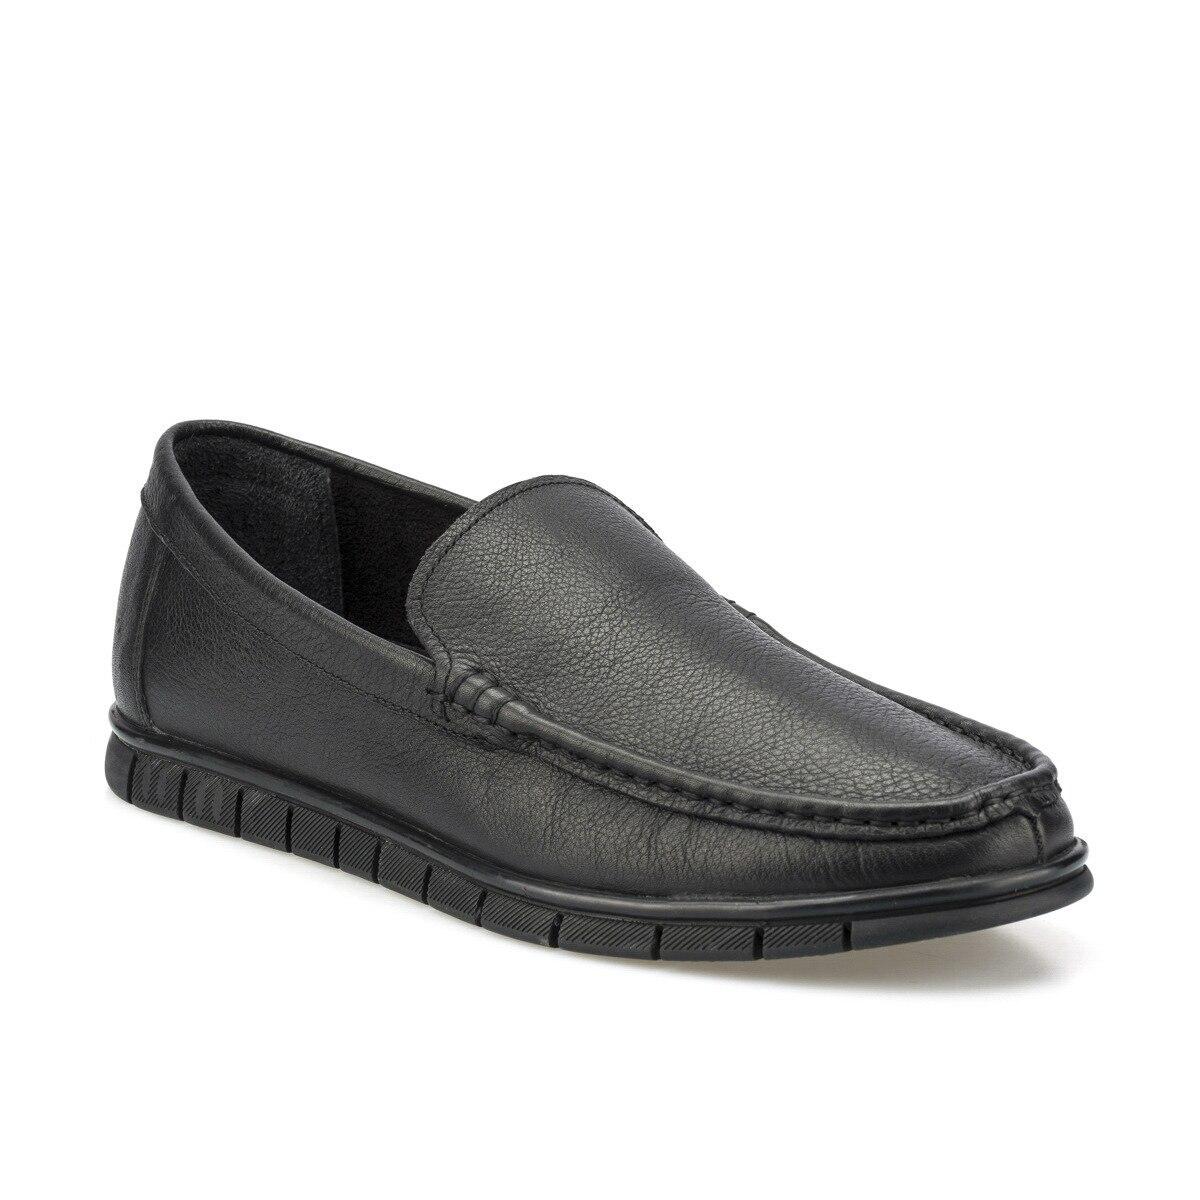 Flo 102068.M Zwarte Mannen Klassieke Schoenen Polaris 5 Punt